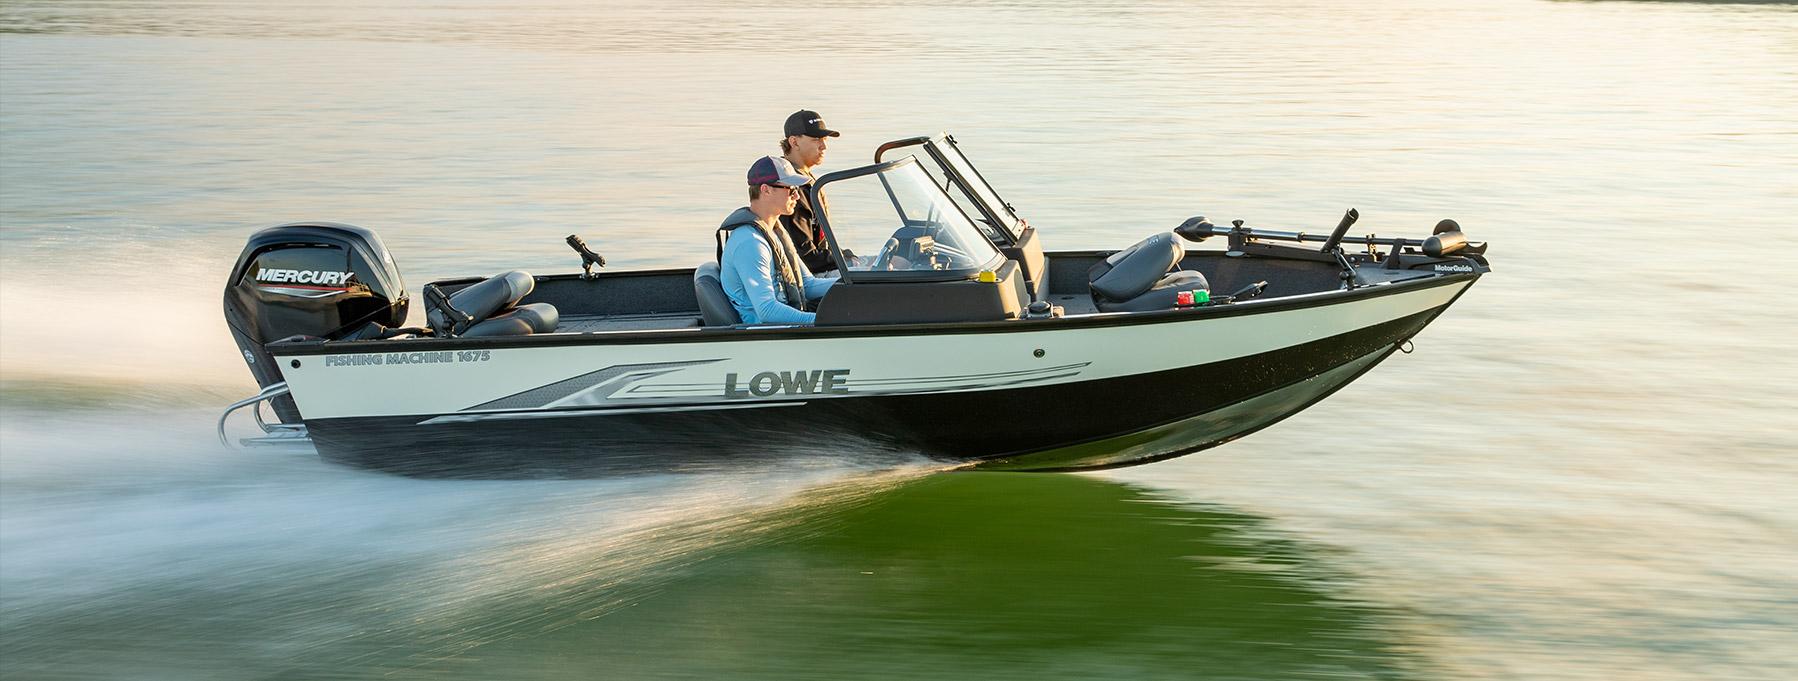 Lowe - 2019 Fishing Machine Series Deep - V Aluminum Boats